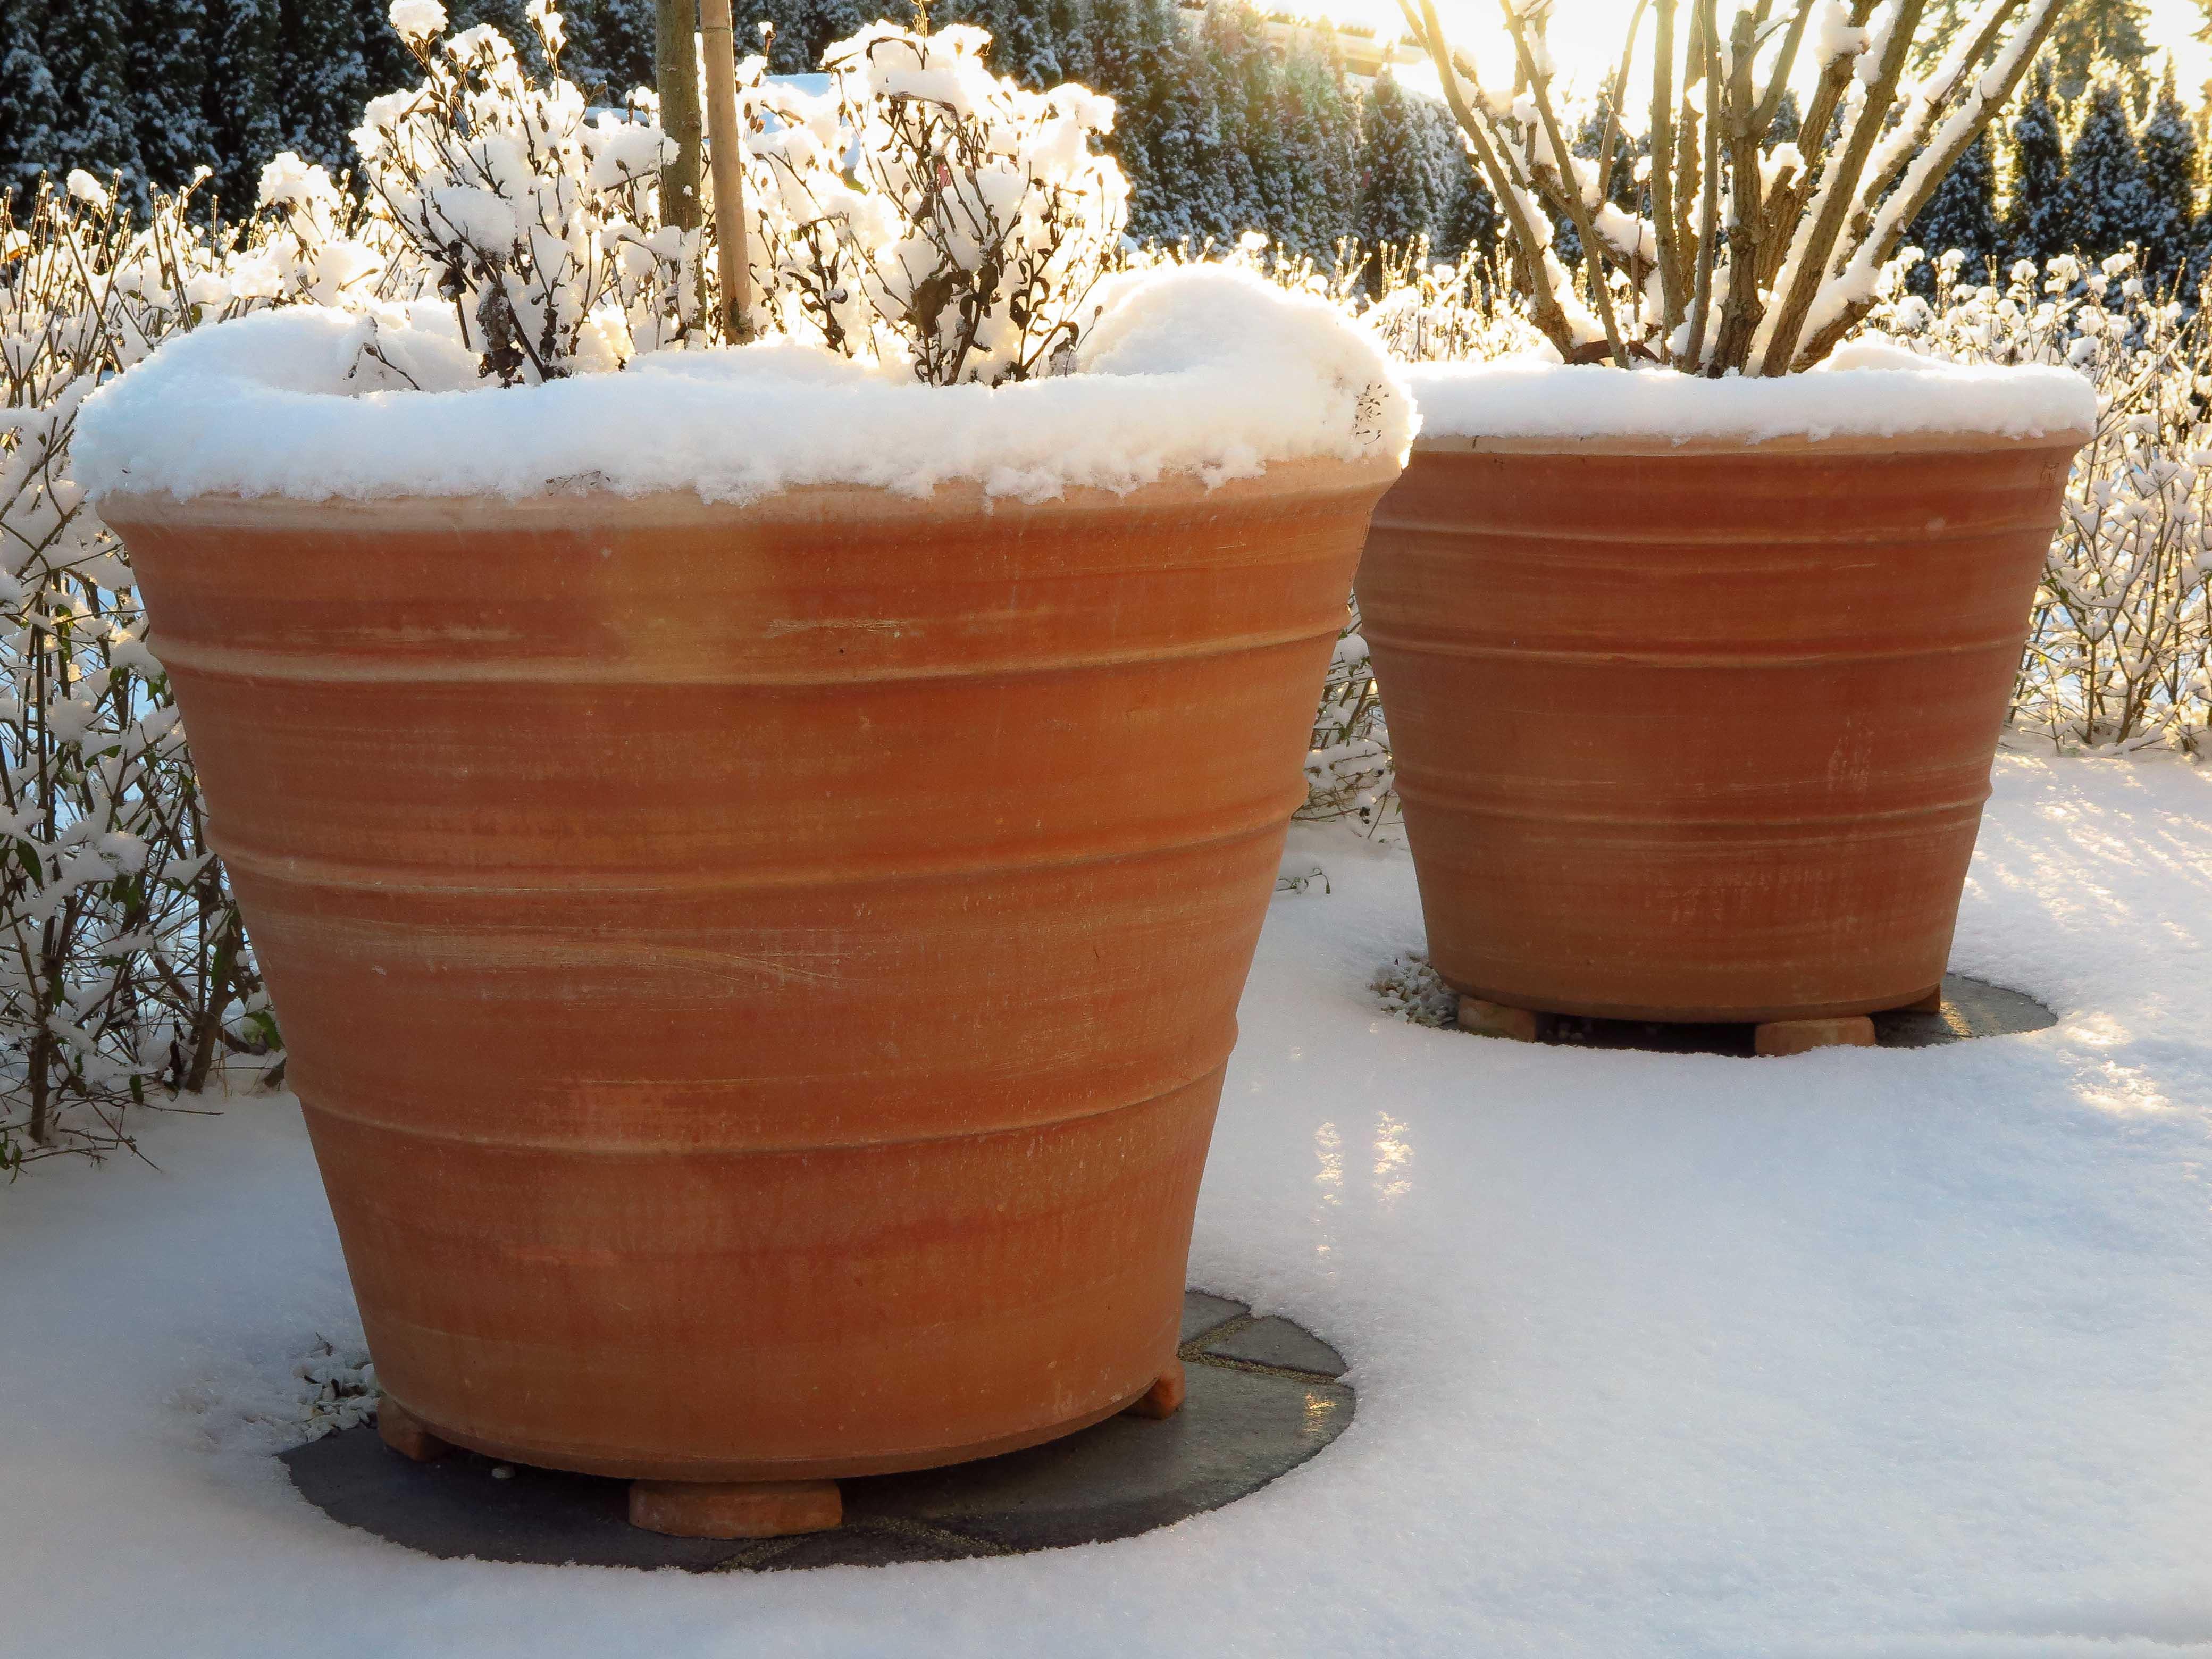 Vintertåliga krukor. Frosttåliga krukor. Krukor Ernst. med Ernst krukor. Stora krukor. Terrakottakrukor.